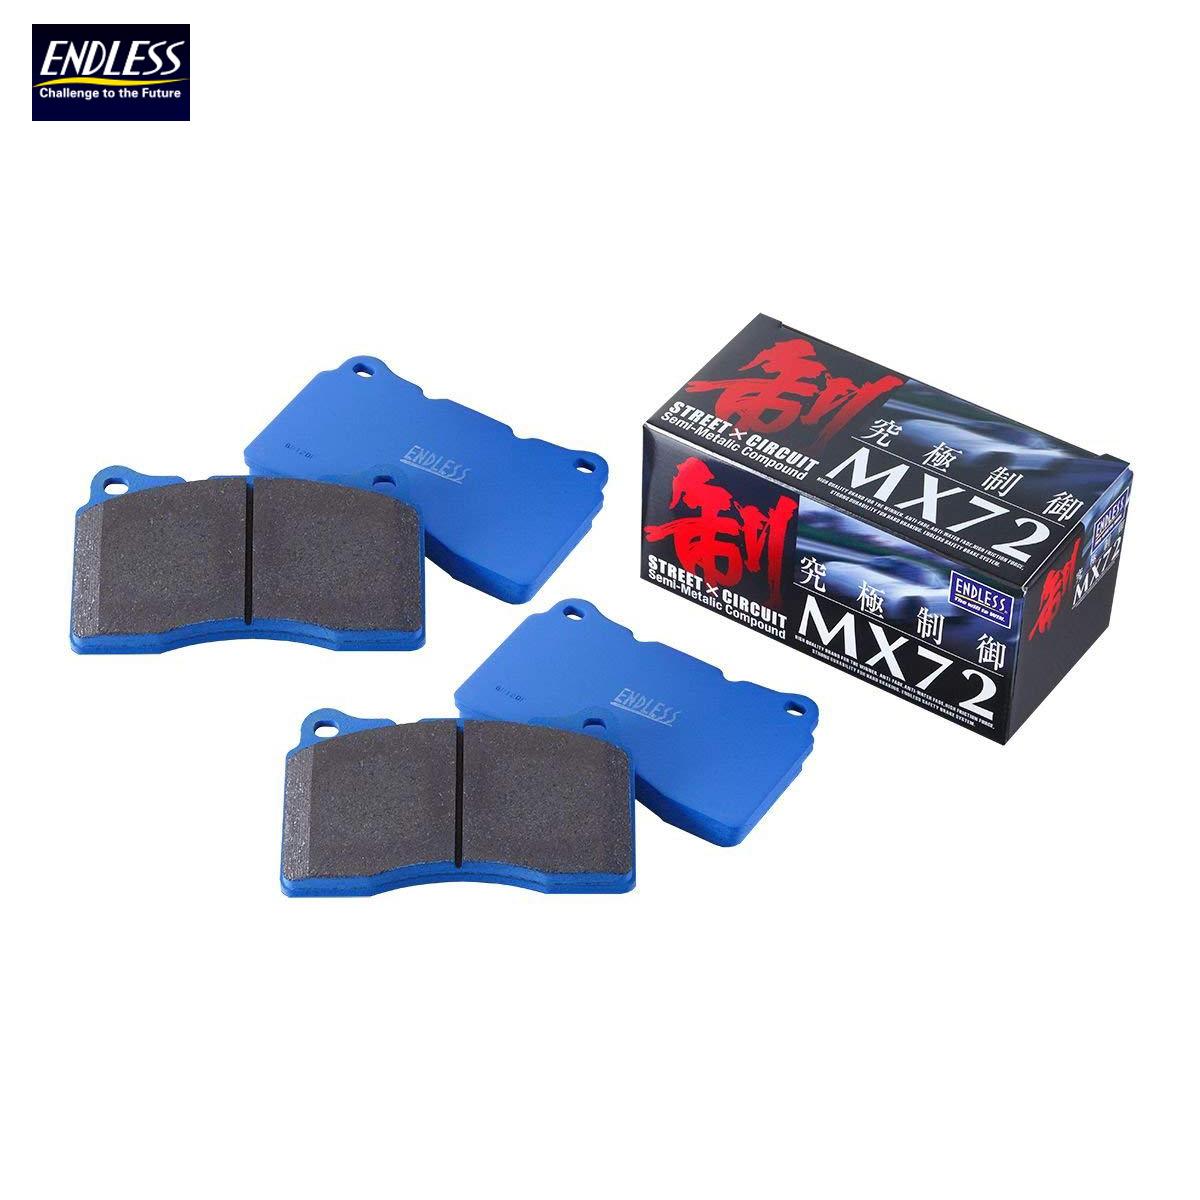 ENDLESS エンドレス ブレーキパッド MX72セット フロント EP292 リア EP354 ヴェロッサ JZX110 ターボ